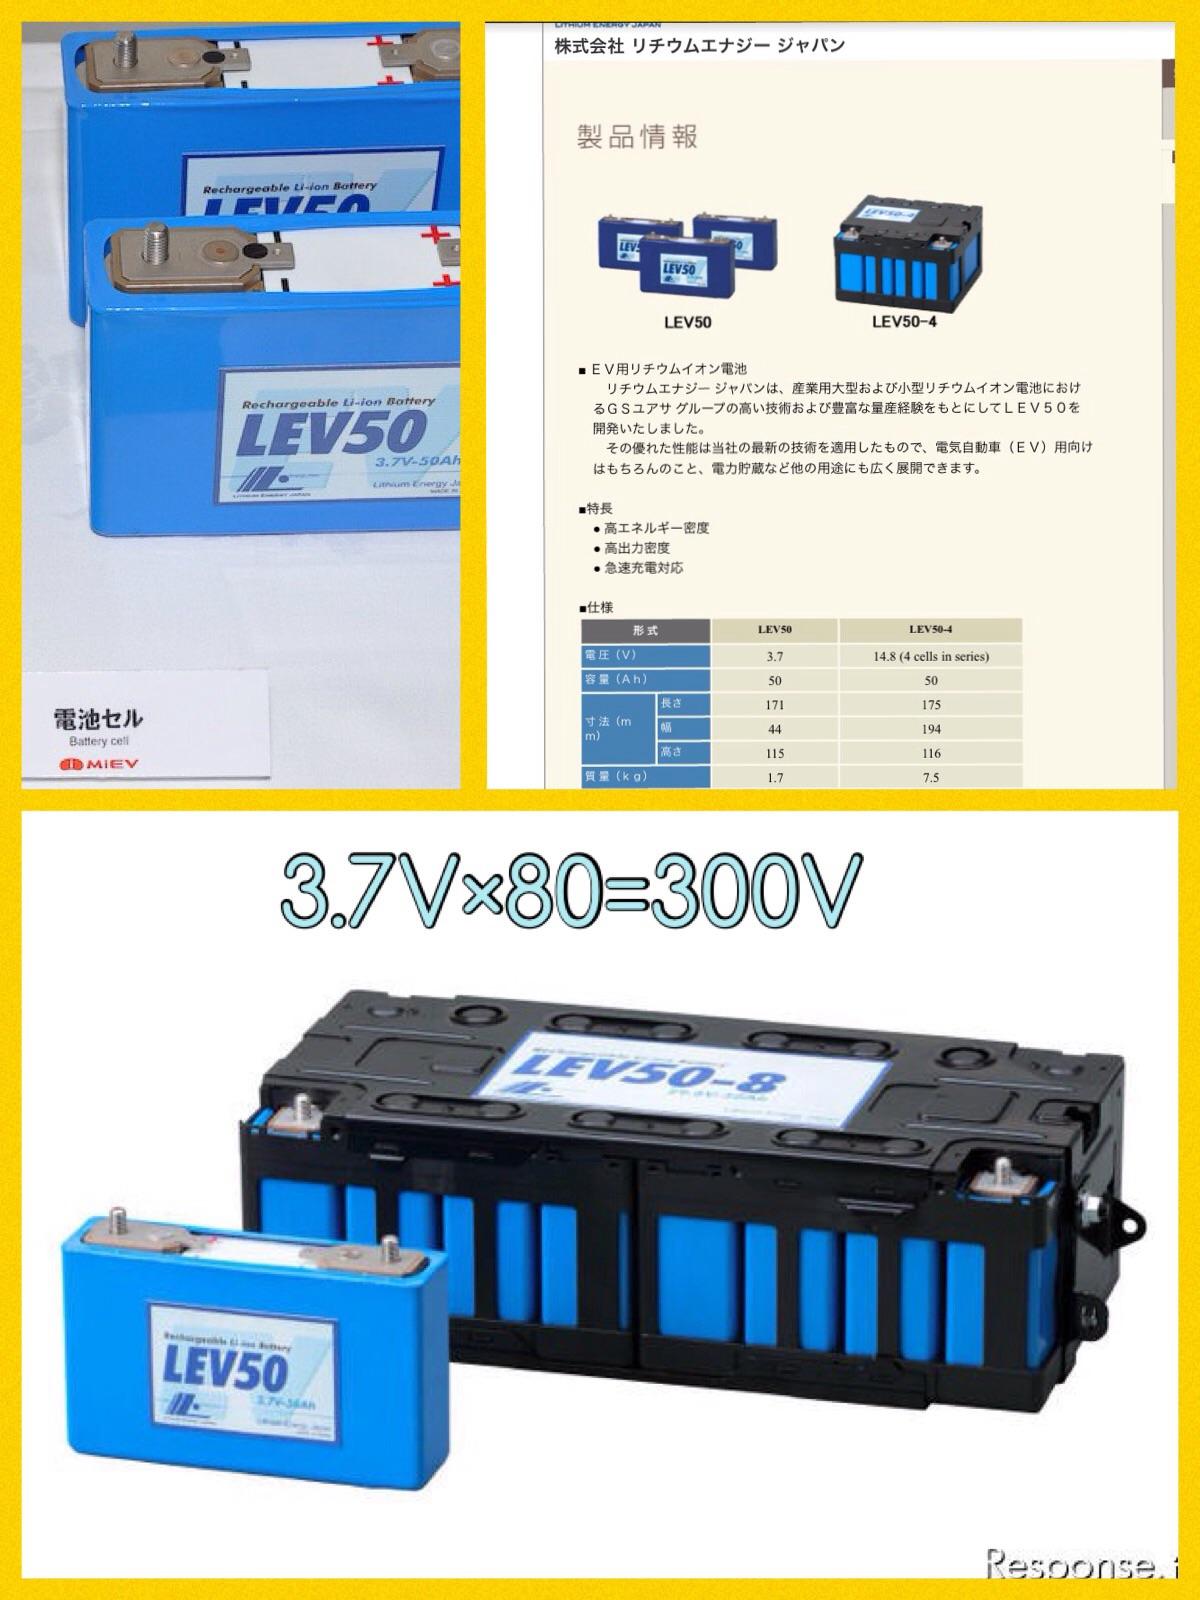 アウトランダーPHEVのリチウムイオン電池 セル